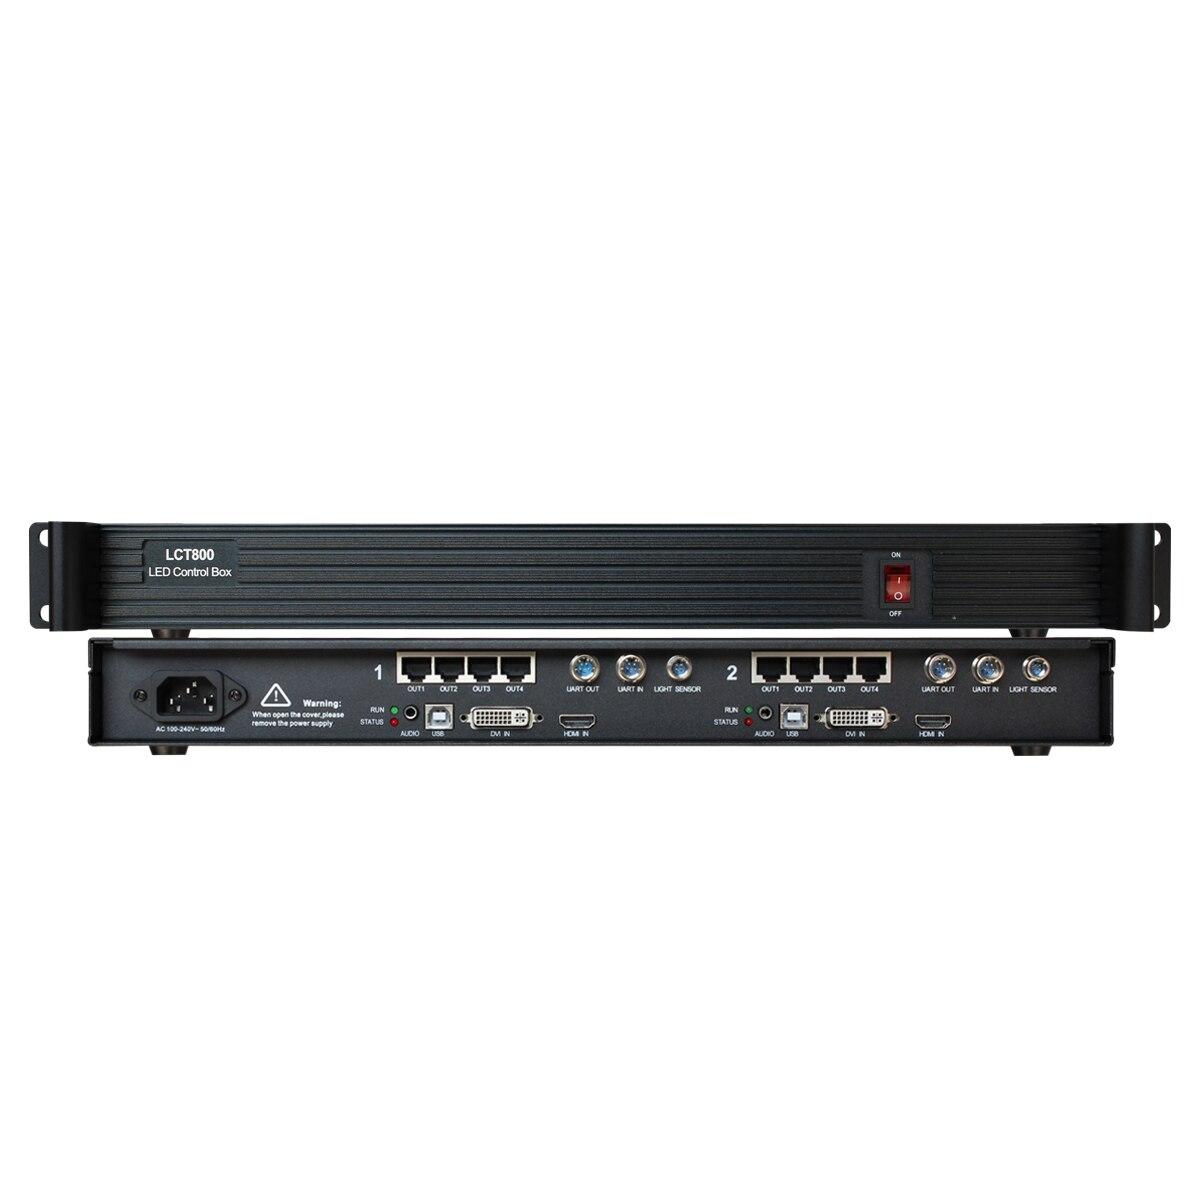 P2 P3 P4 P3.91 P2.5 P6 P5 P10 P16 64*64 128*64 LED screen panel display player Box AMS-LCT800 With 2 Novastar msd600 as Mctrl660